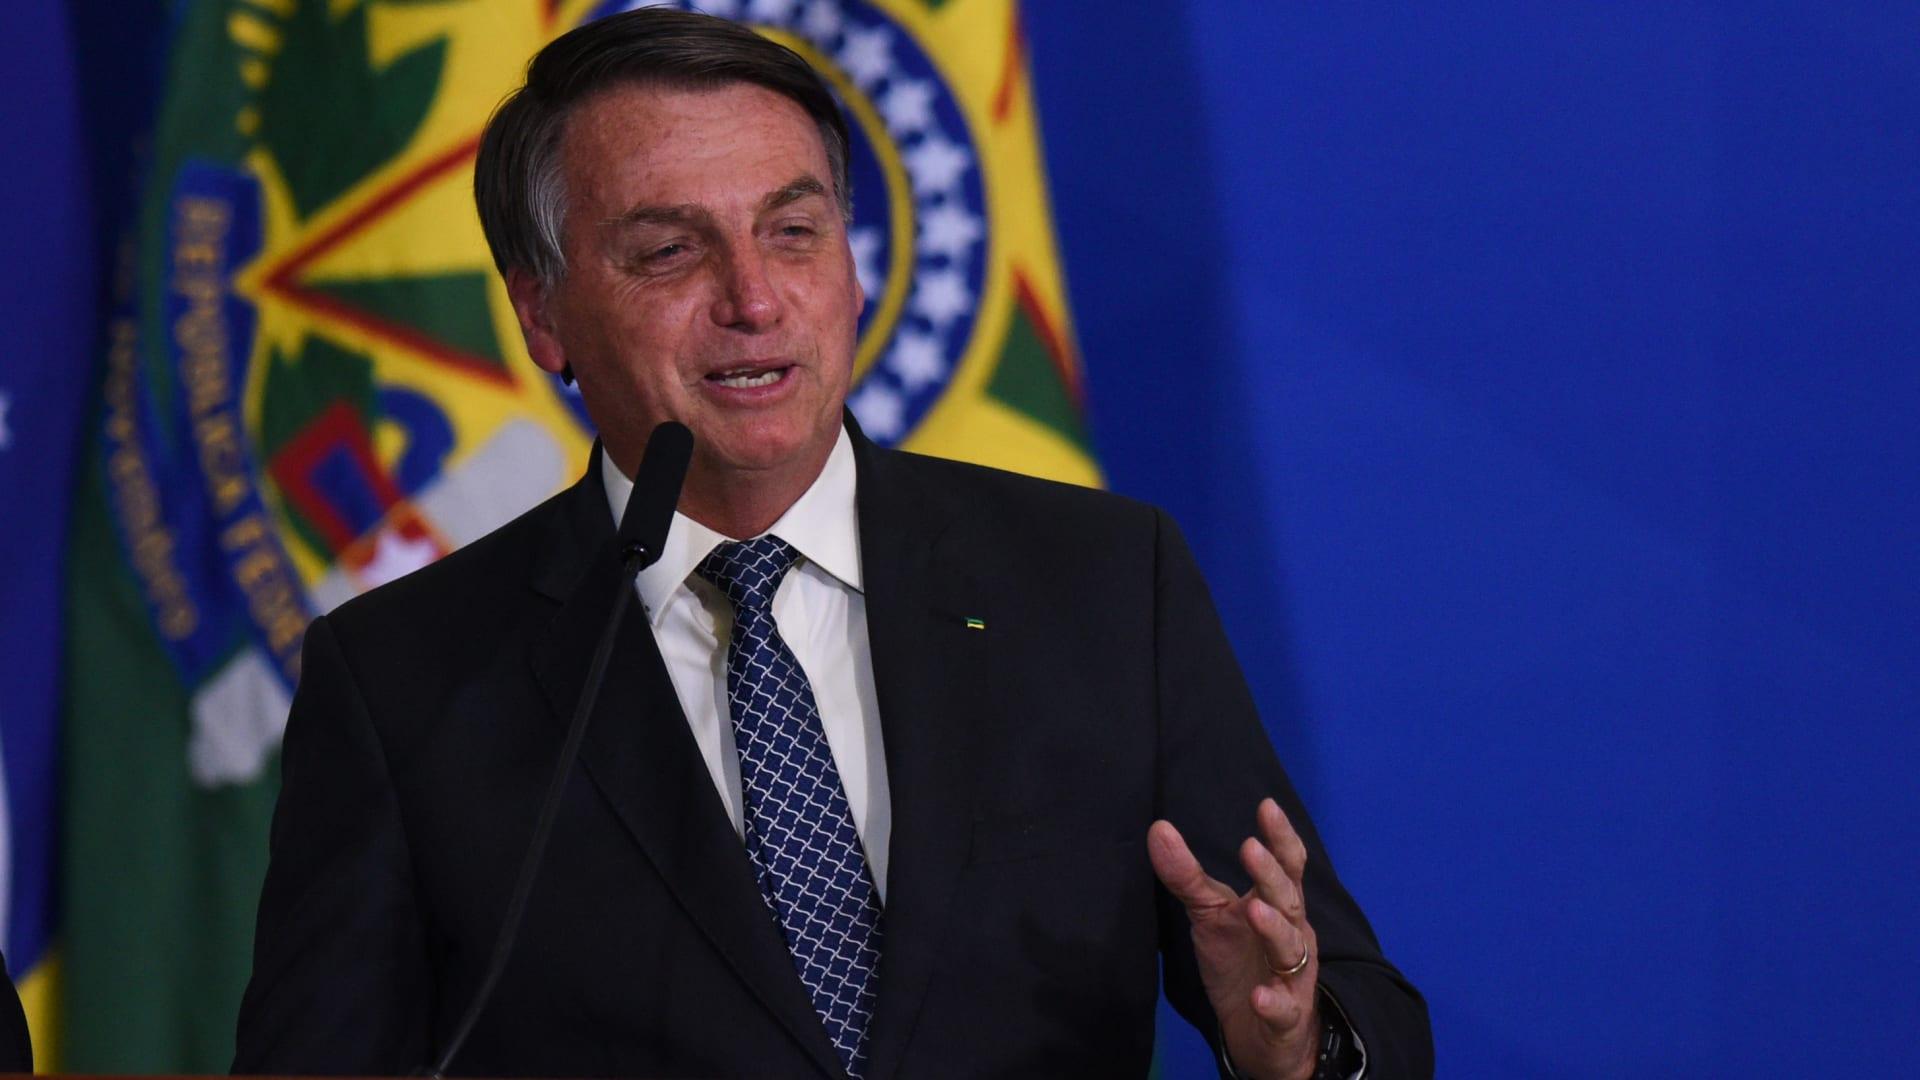 في تحد لبولسنارو.. الكونغرس البرازيلي يقر فرض ارتداء الكمامات